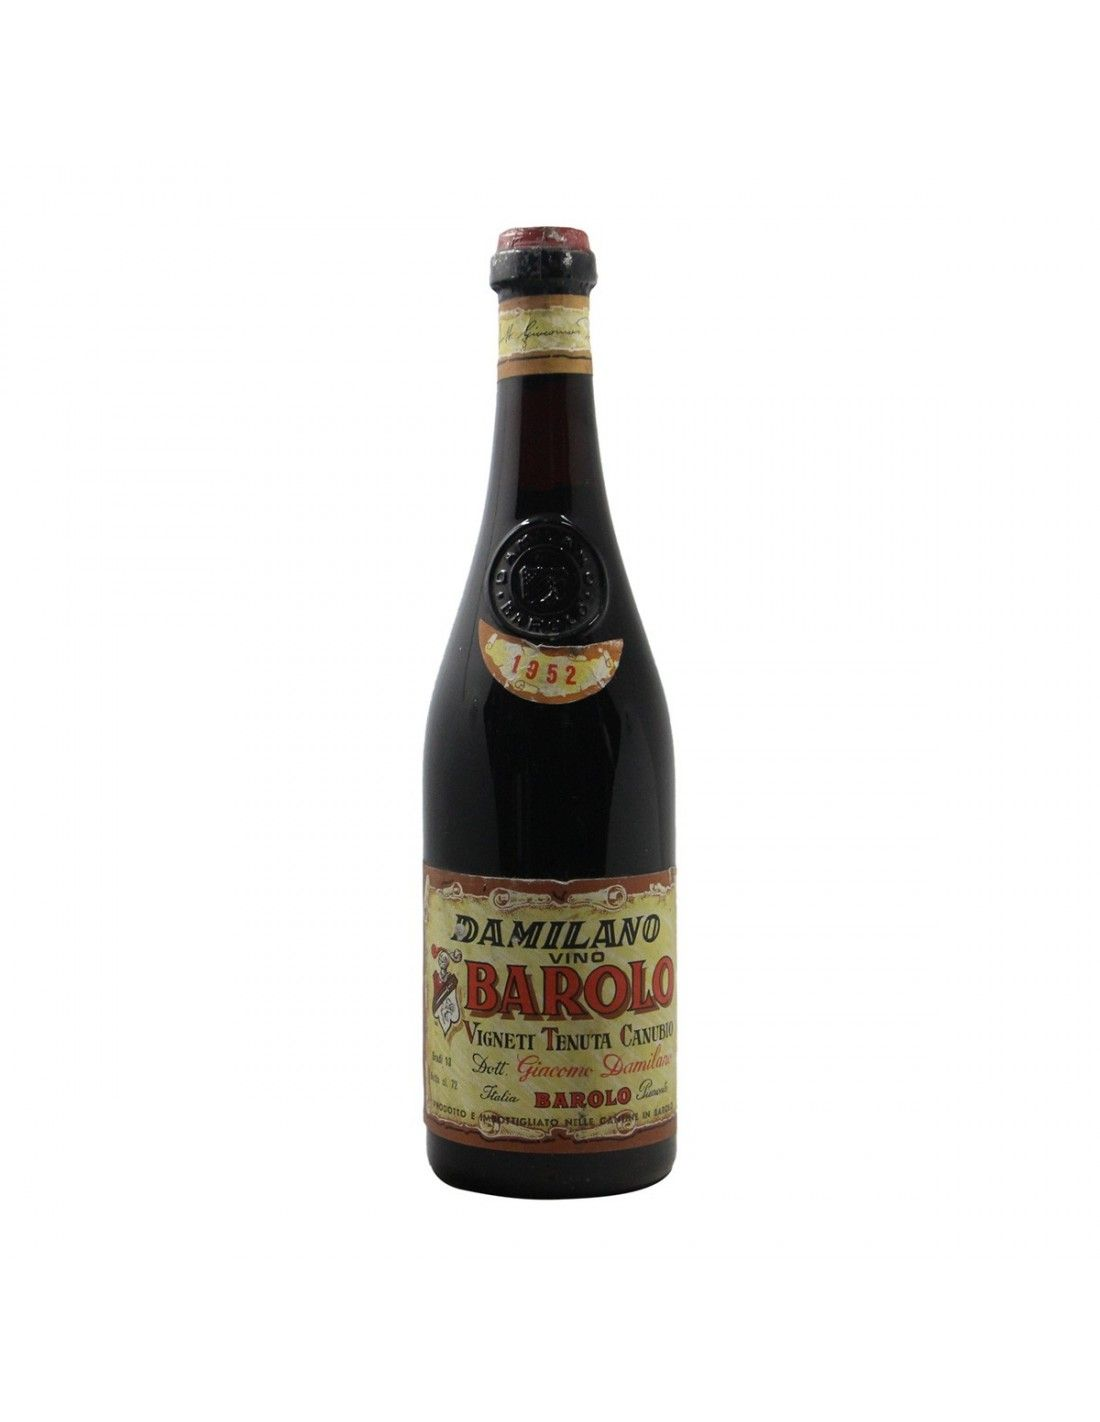 BAROLO CANUBIO 1952 DAMILANO Grandi Bottiglie